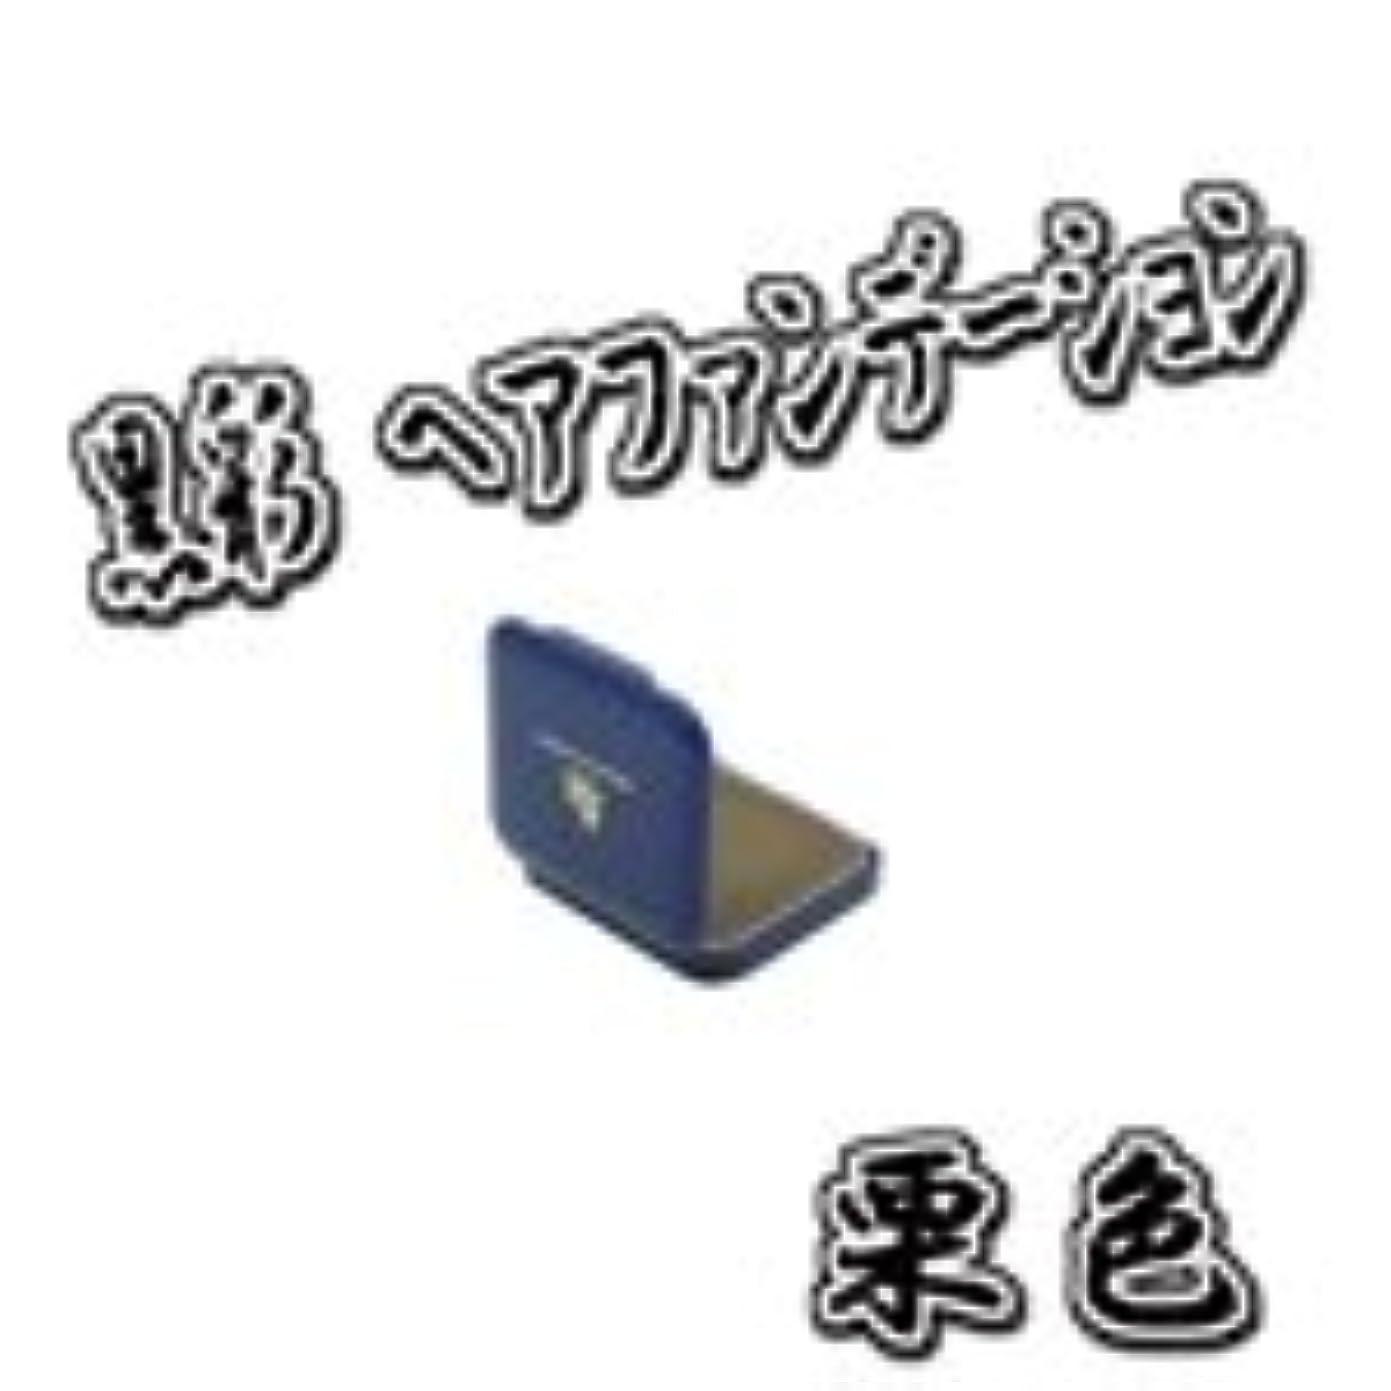 代数船乗り検索エンジンマーケティングAMOROS アモロス 黒彩 ヘアファンデーション 【栗】 13g ミニケース パフ付